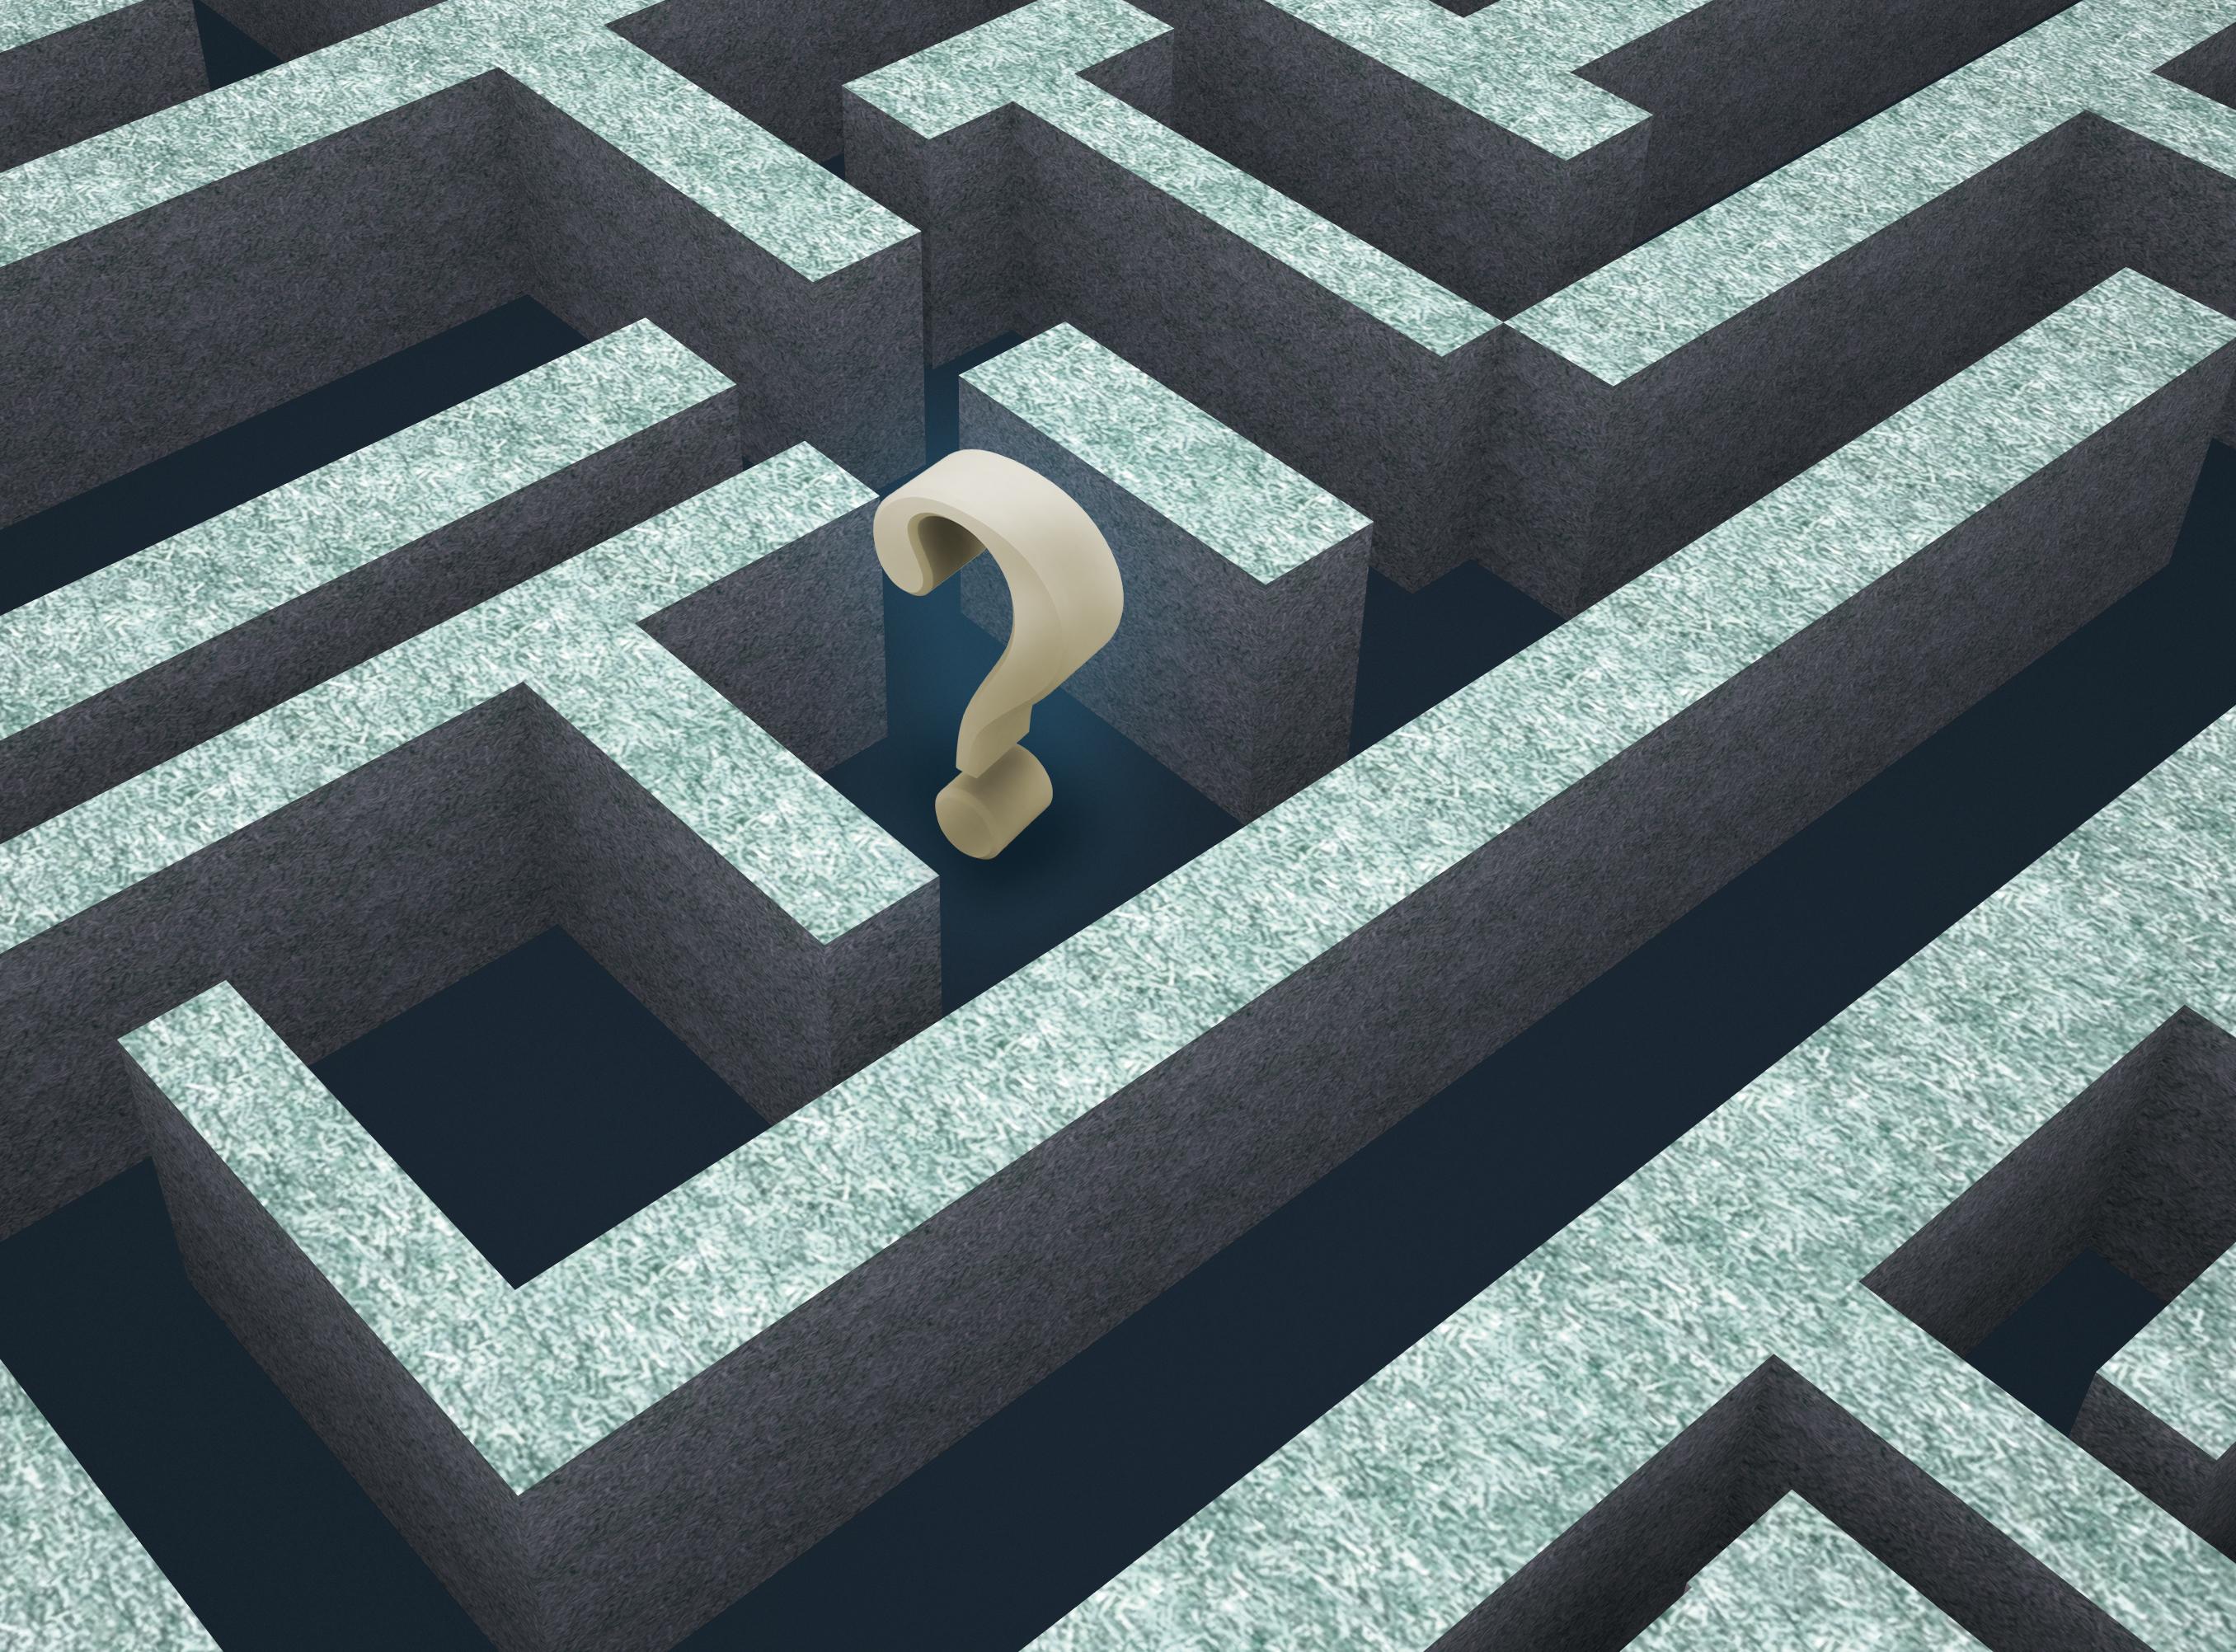 קבלת החלטות – למה זה כל כך קשה?